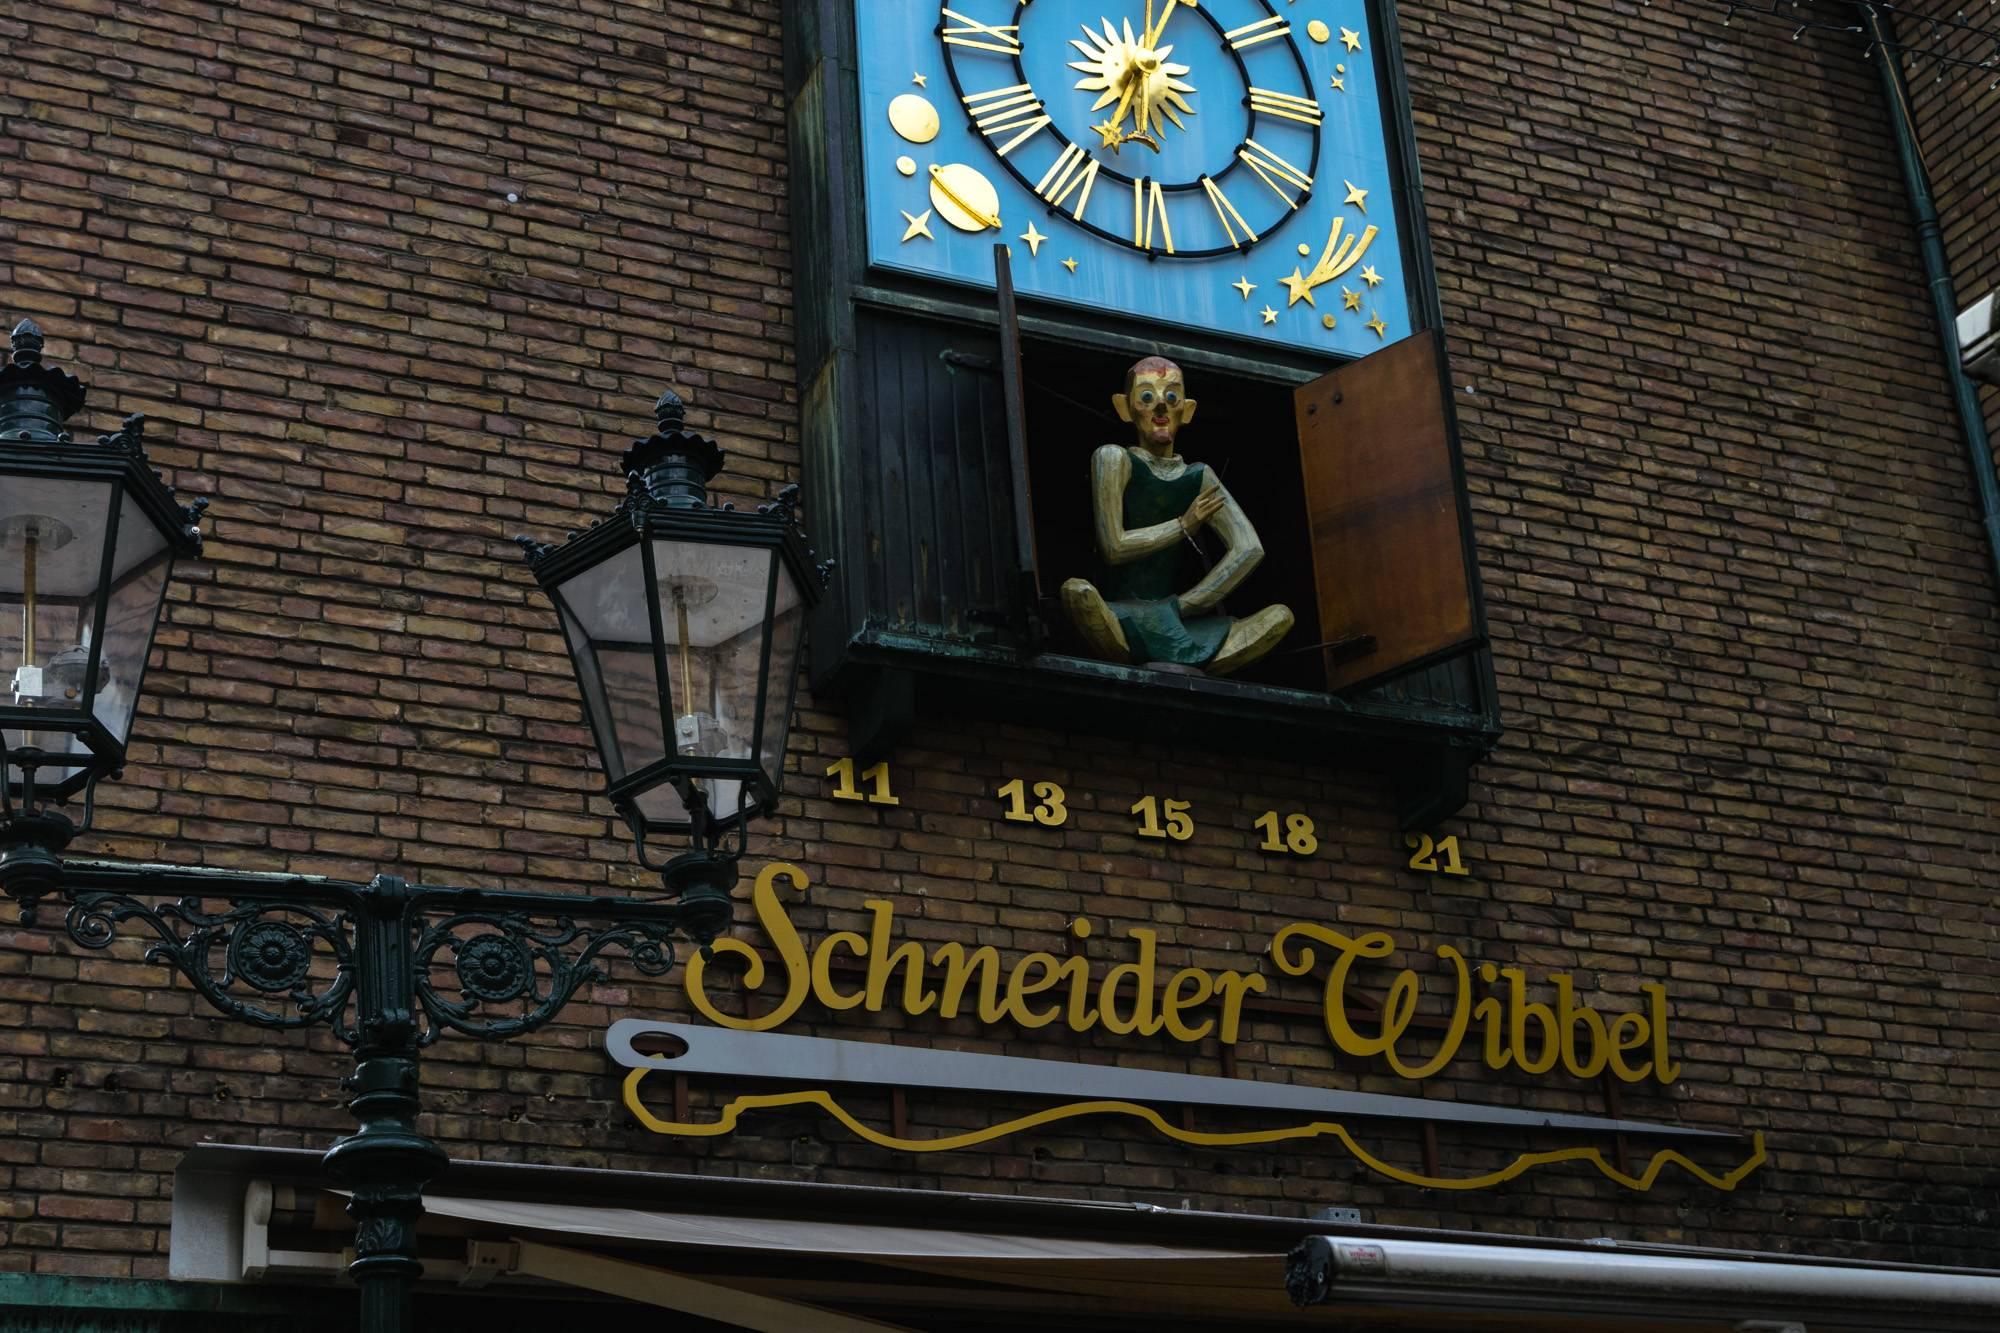 Schneider Wibbel Düsseldorf